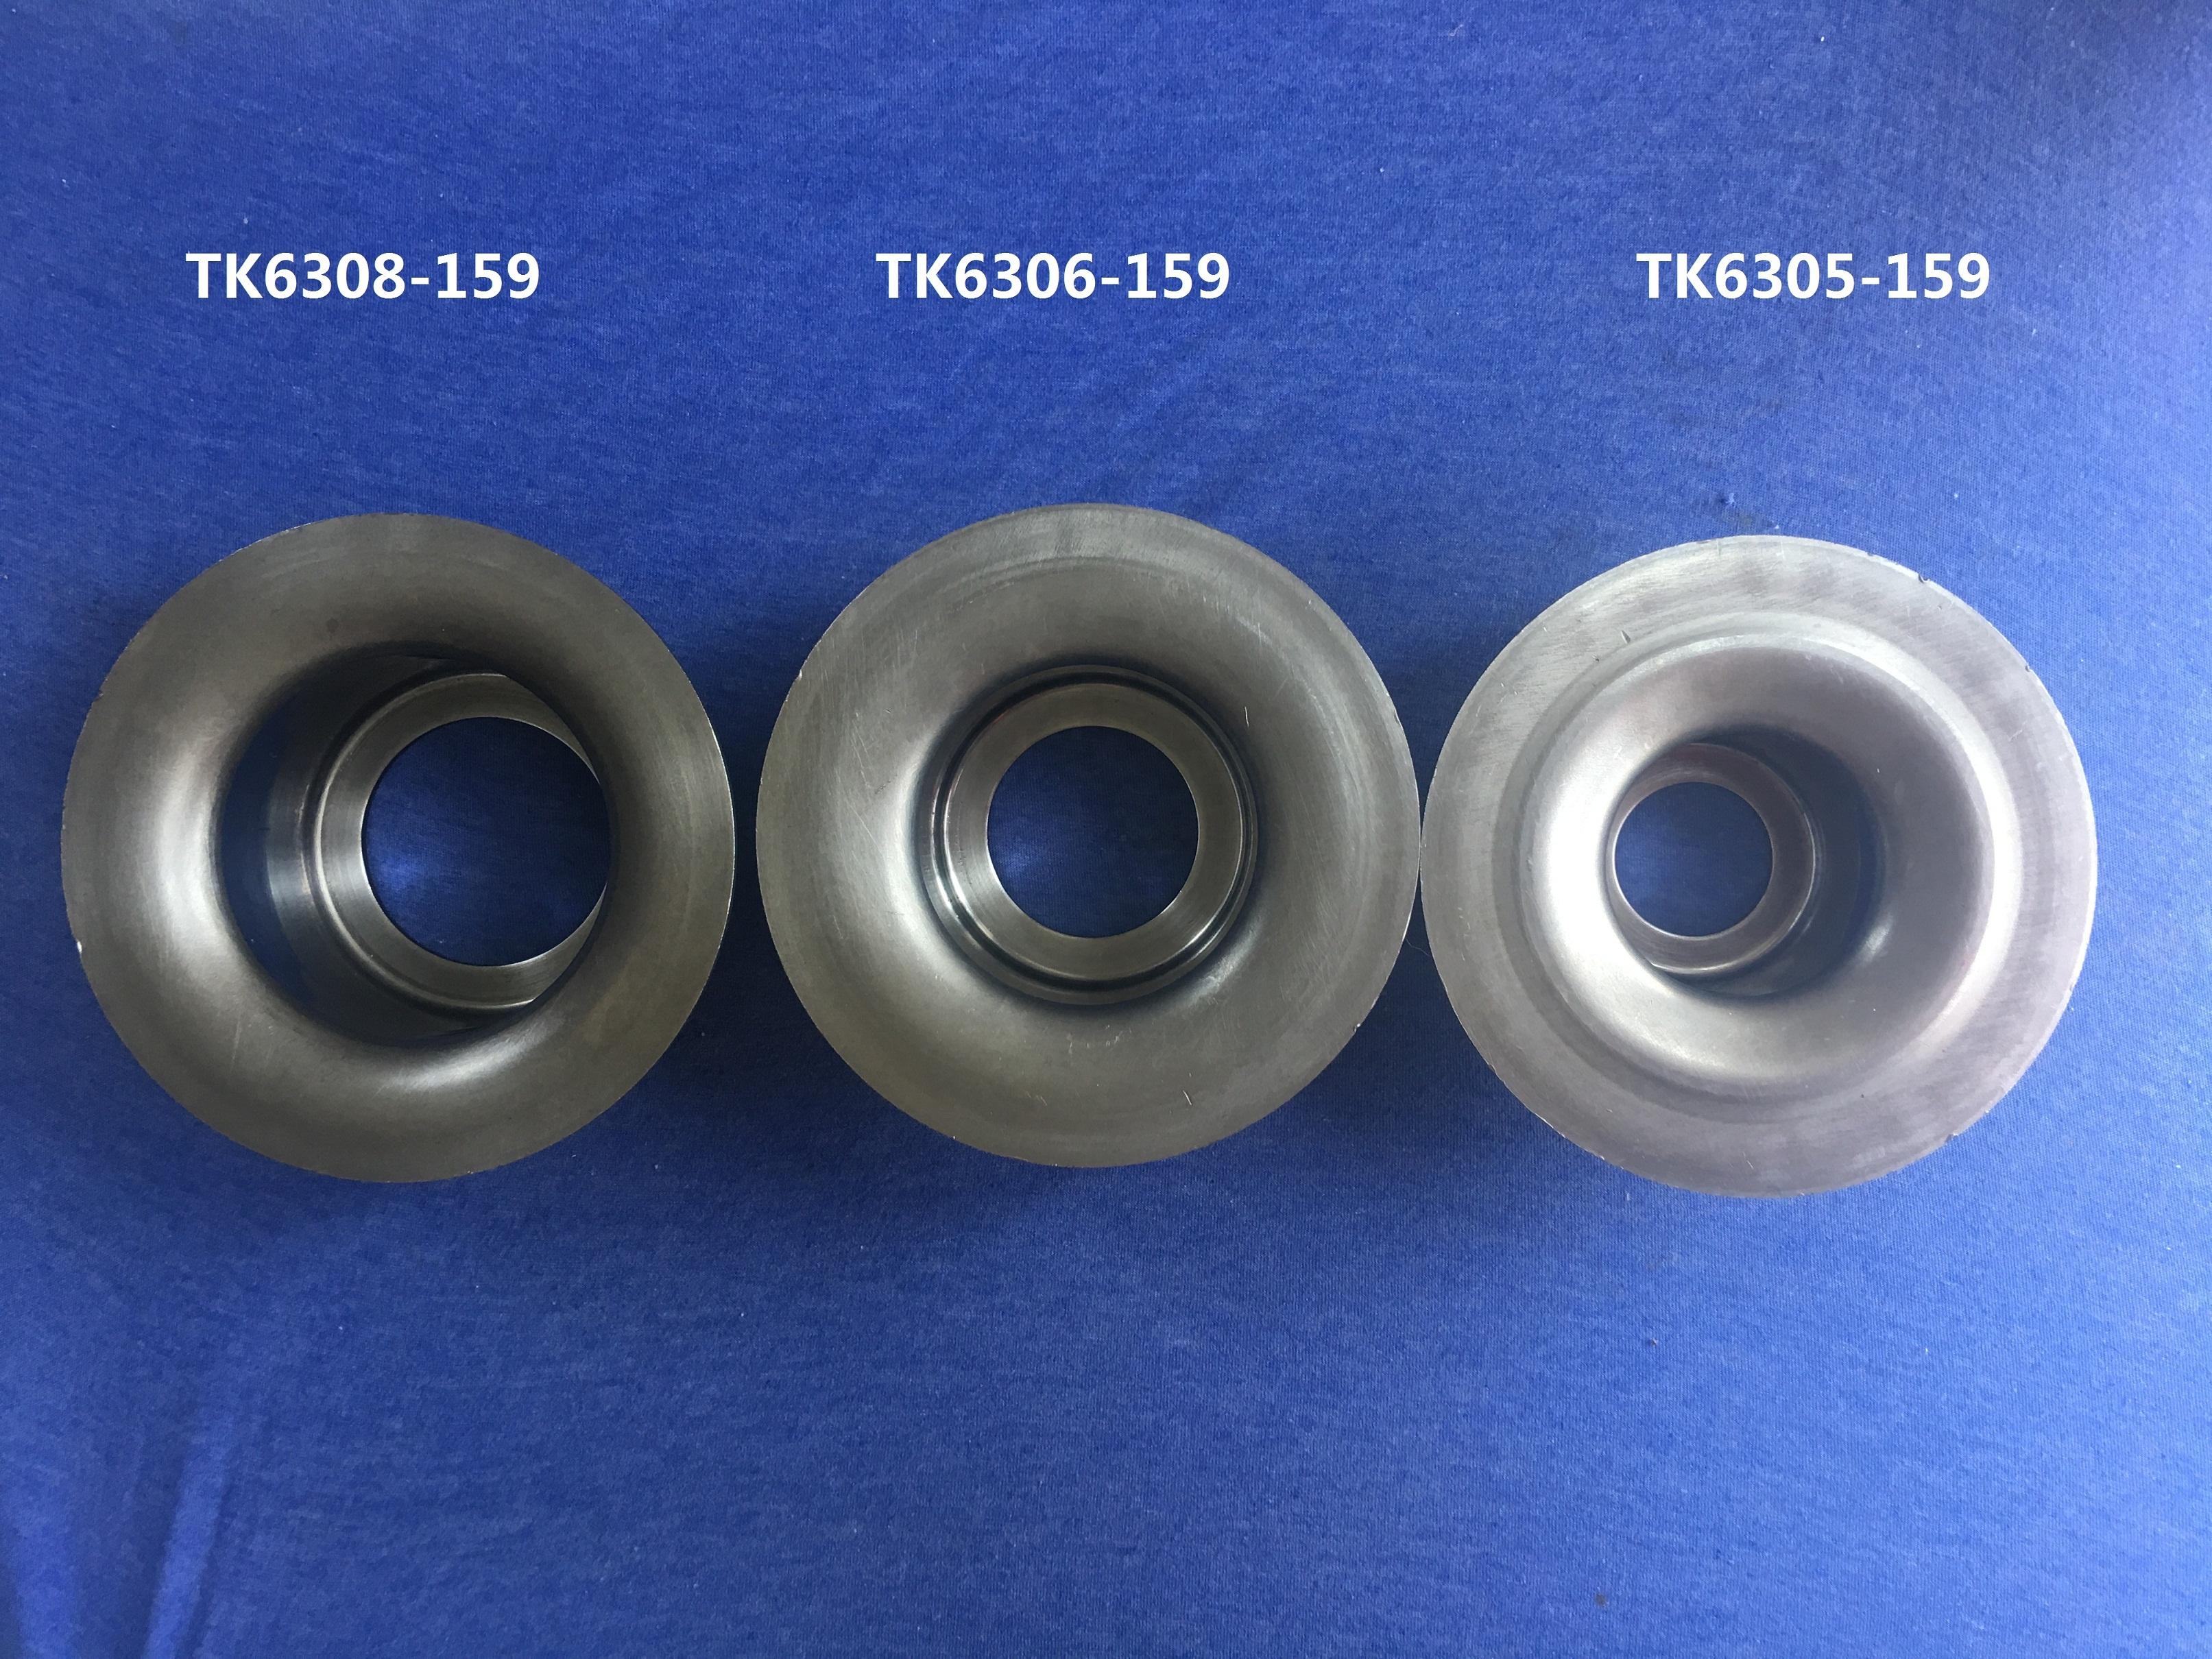 High hardness TK6305-159 roller end cap stamping punching bearing housing